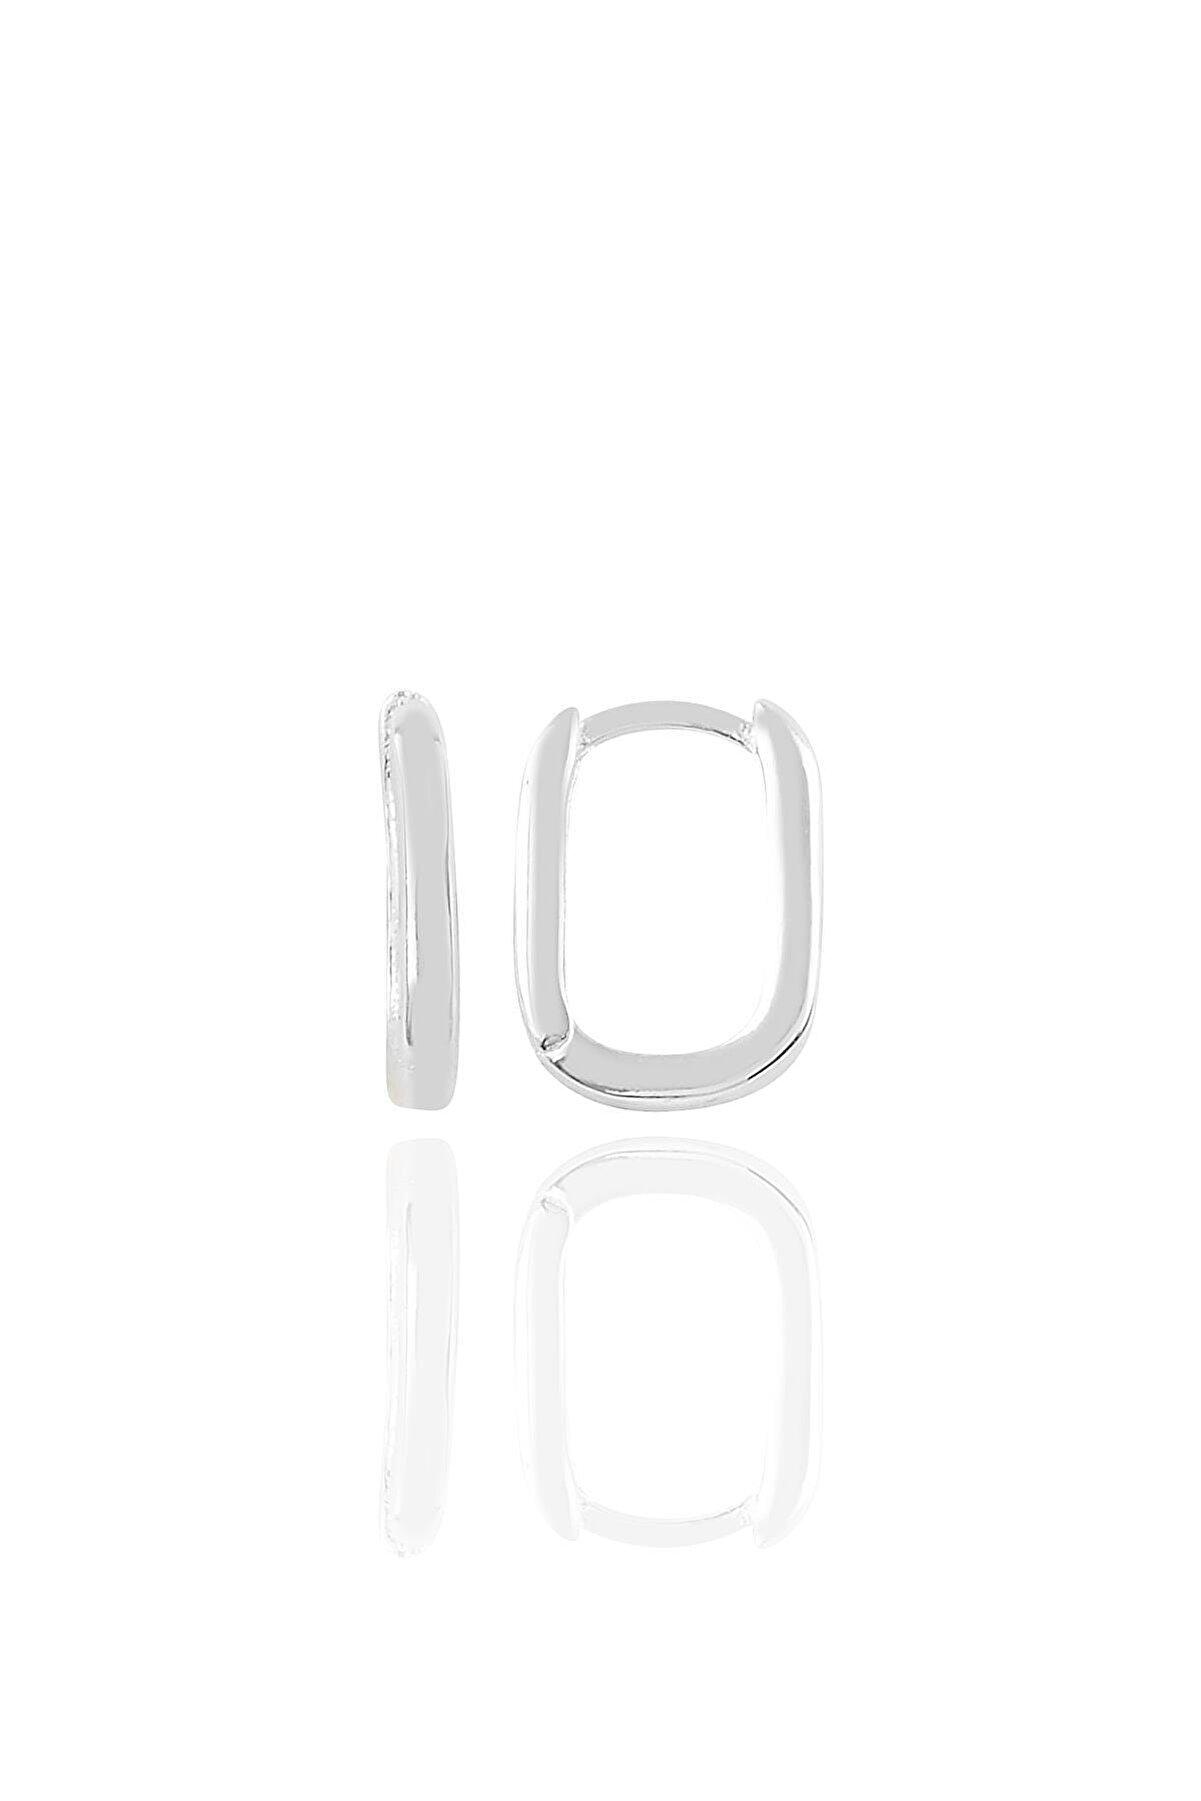 Söğütlü Silver Gümüş Rodyumlu Sade U Modeli Kupe